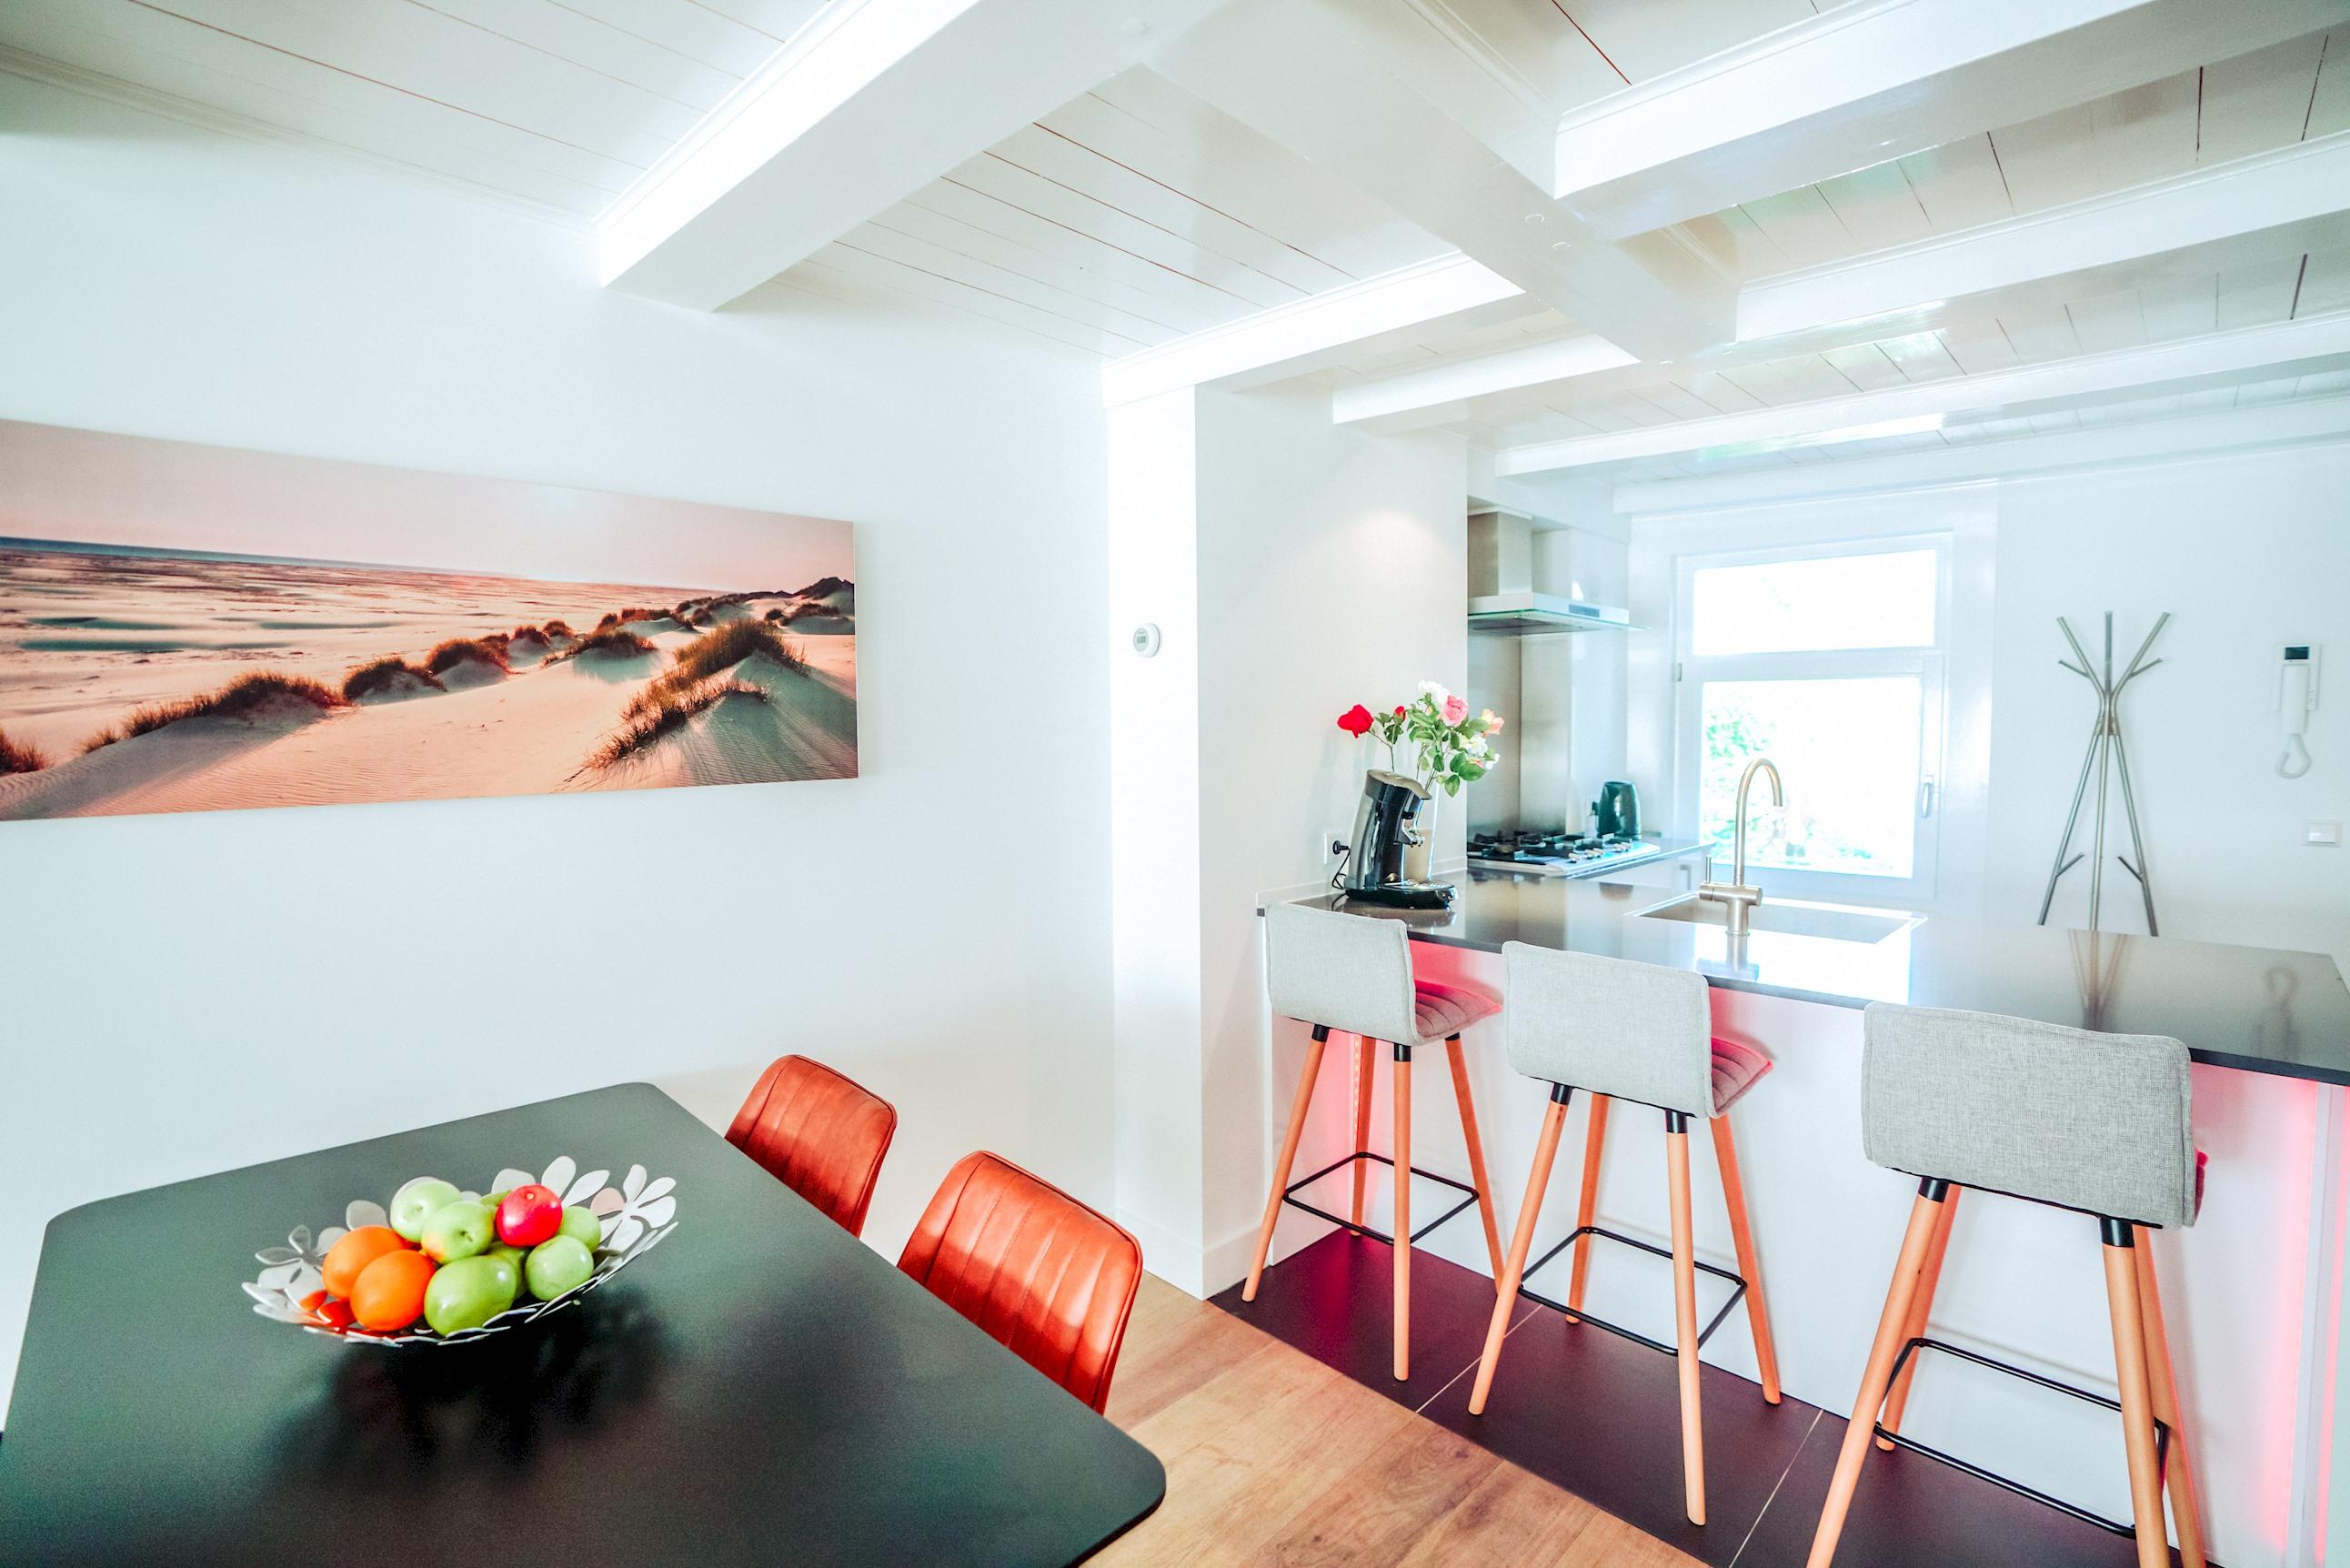 Apartment Amsterdam Apartments Leidsesquare Second Floor Duplex photo 20028659